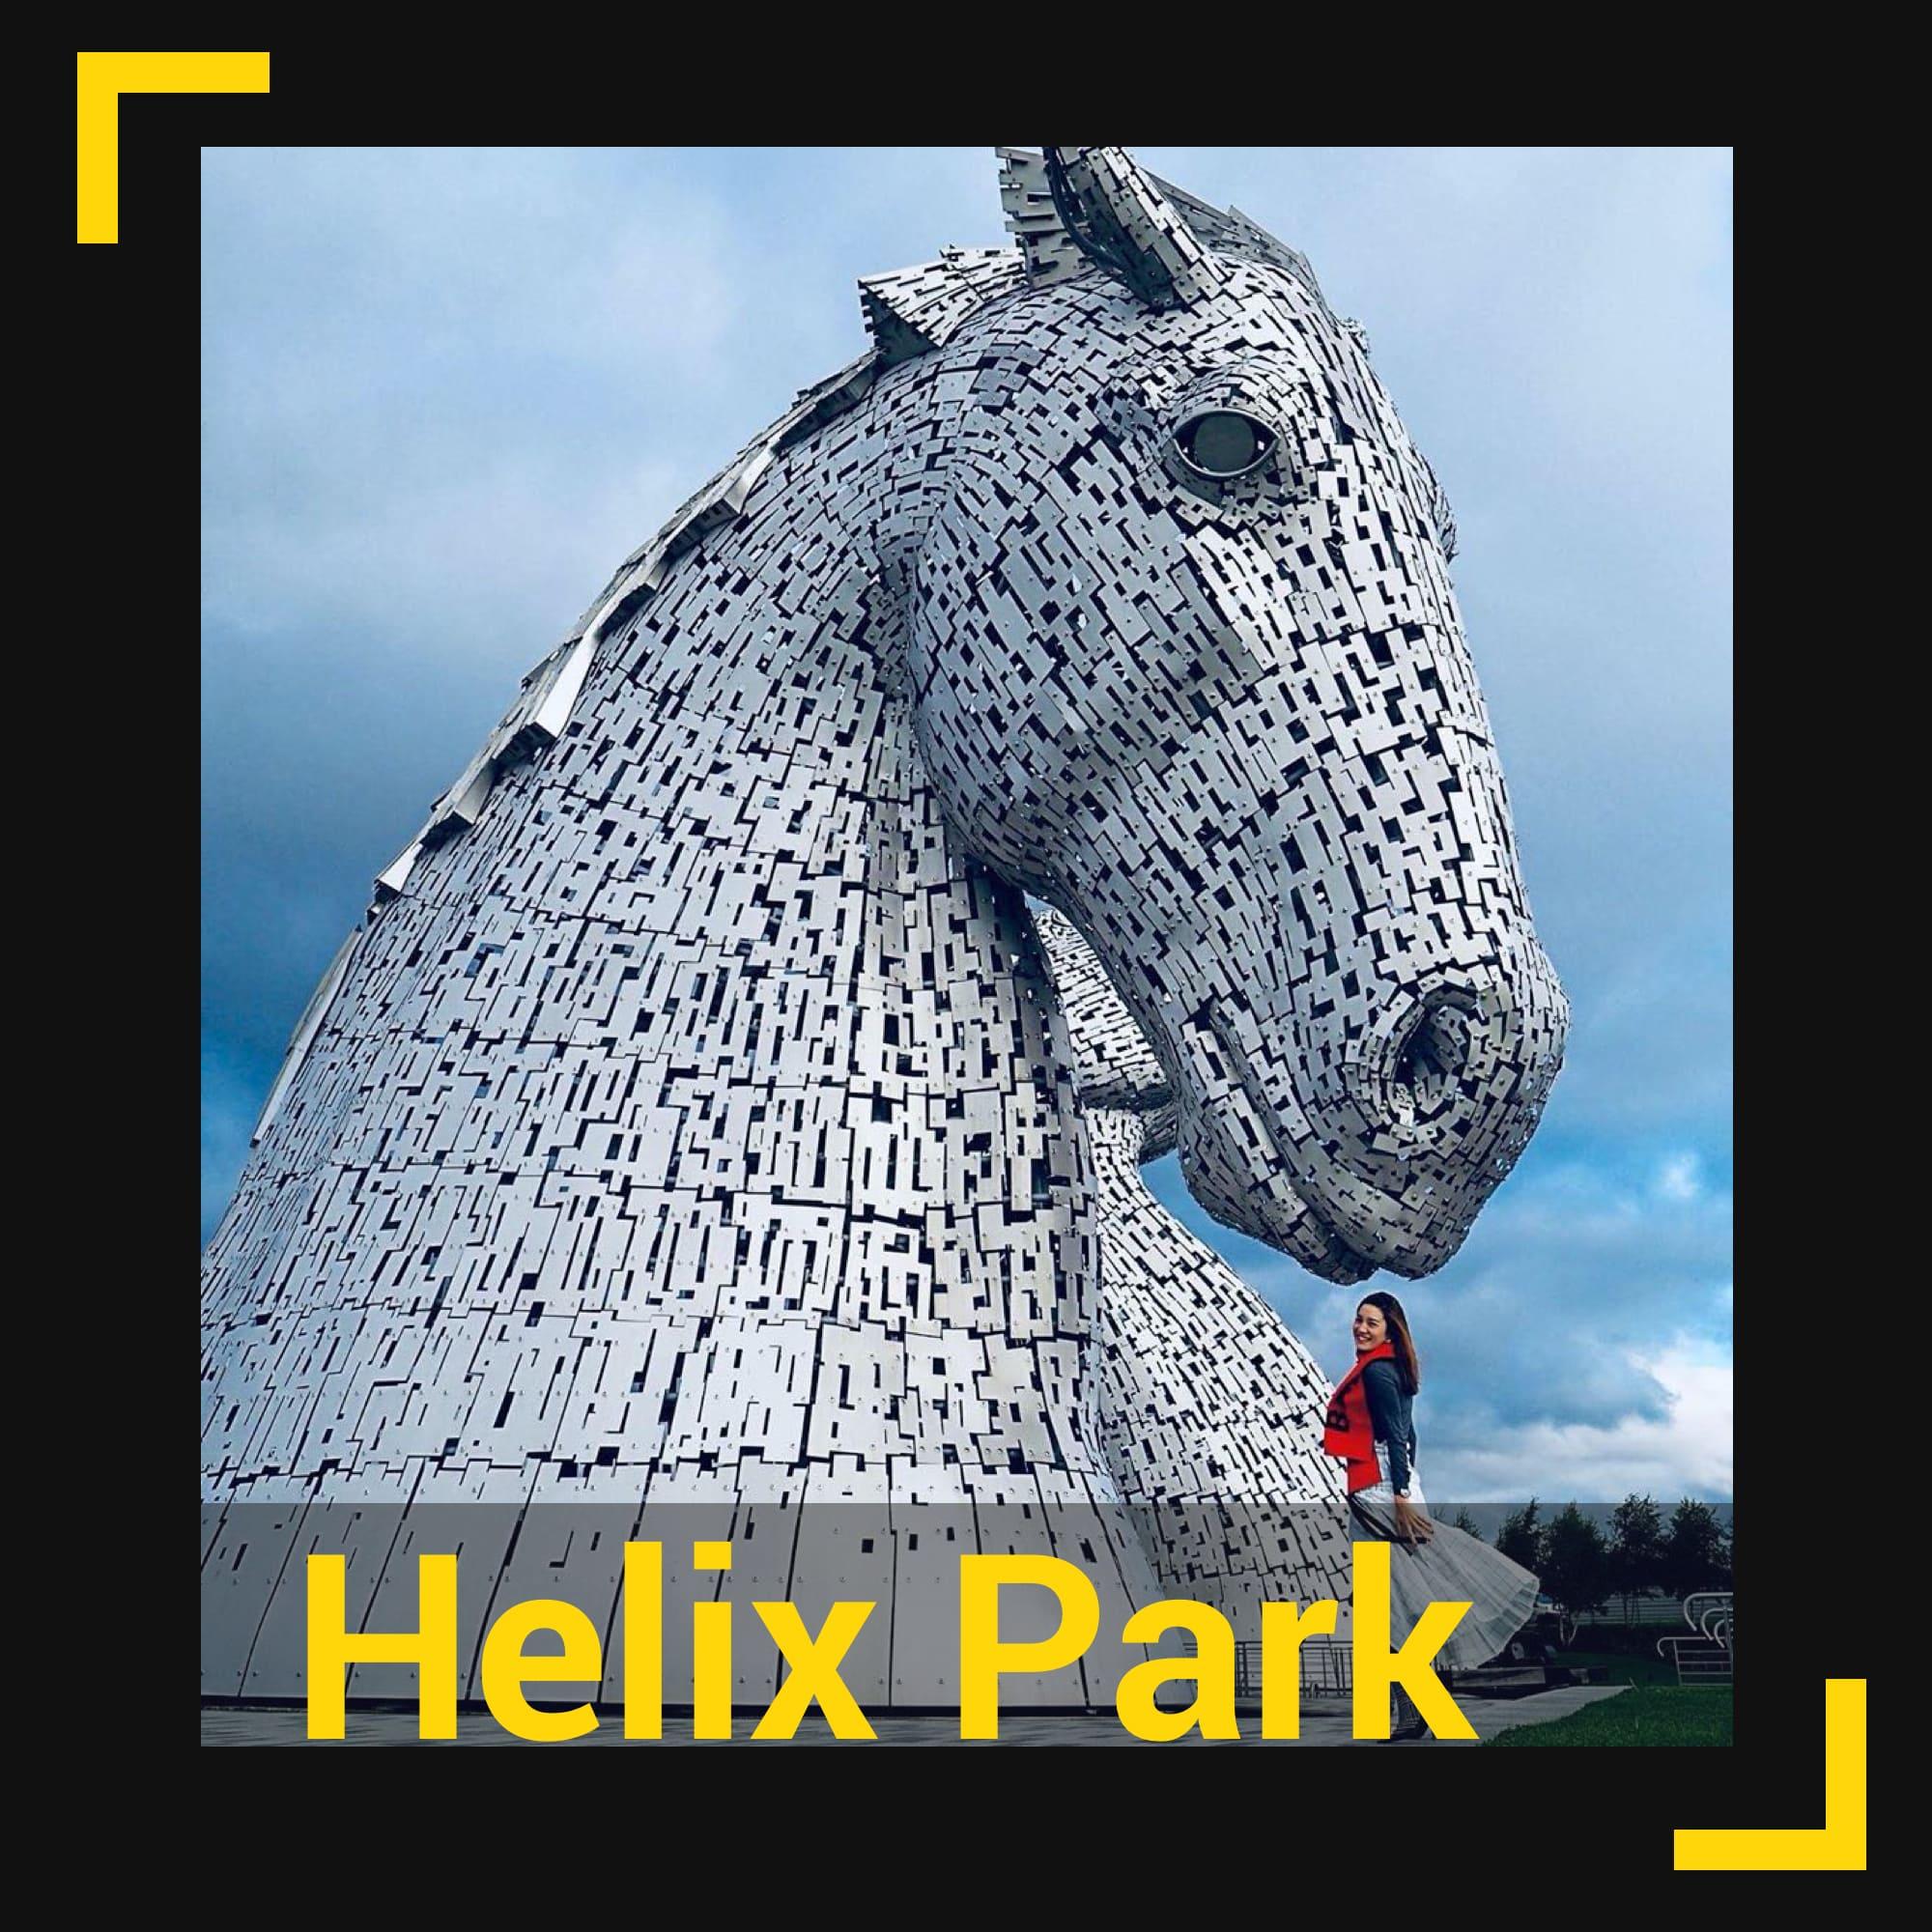 Glasgow'daki Helix Park